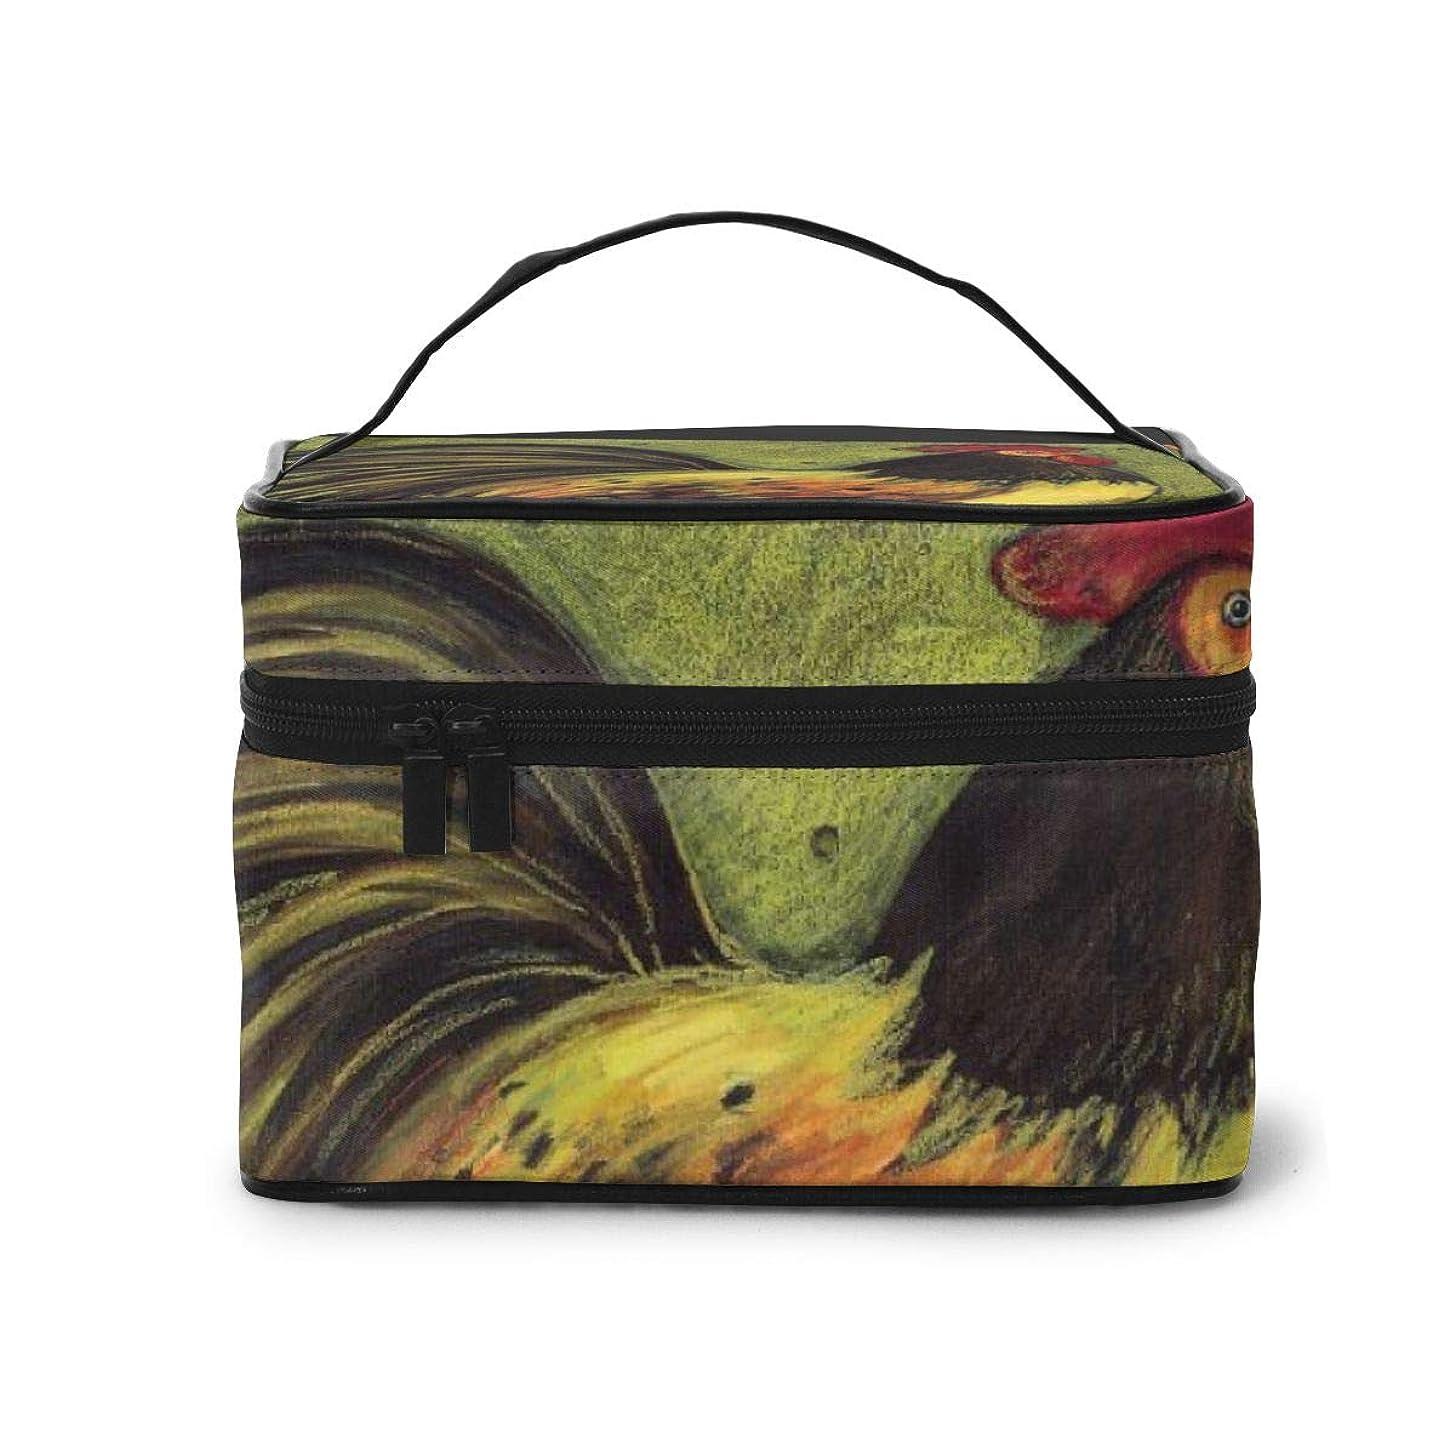 驚いたことにスポンサー統計的メイクポーチ 化粧ポーチ コスメバッグ バニティケース トラベルポーチ 鶏 ブラック 雑貨 小物入れ 出張用 超軽量 機能的 大容量 収納ボックス